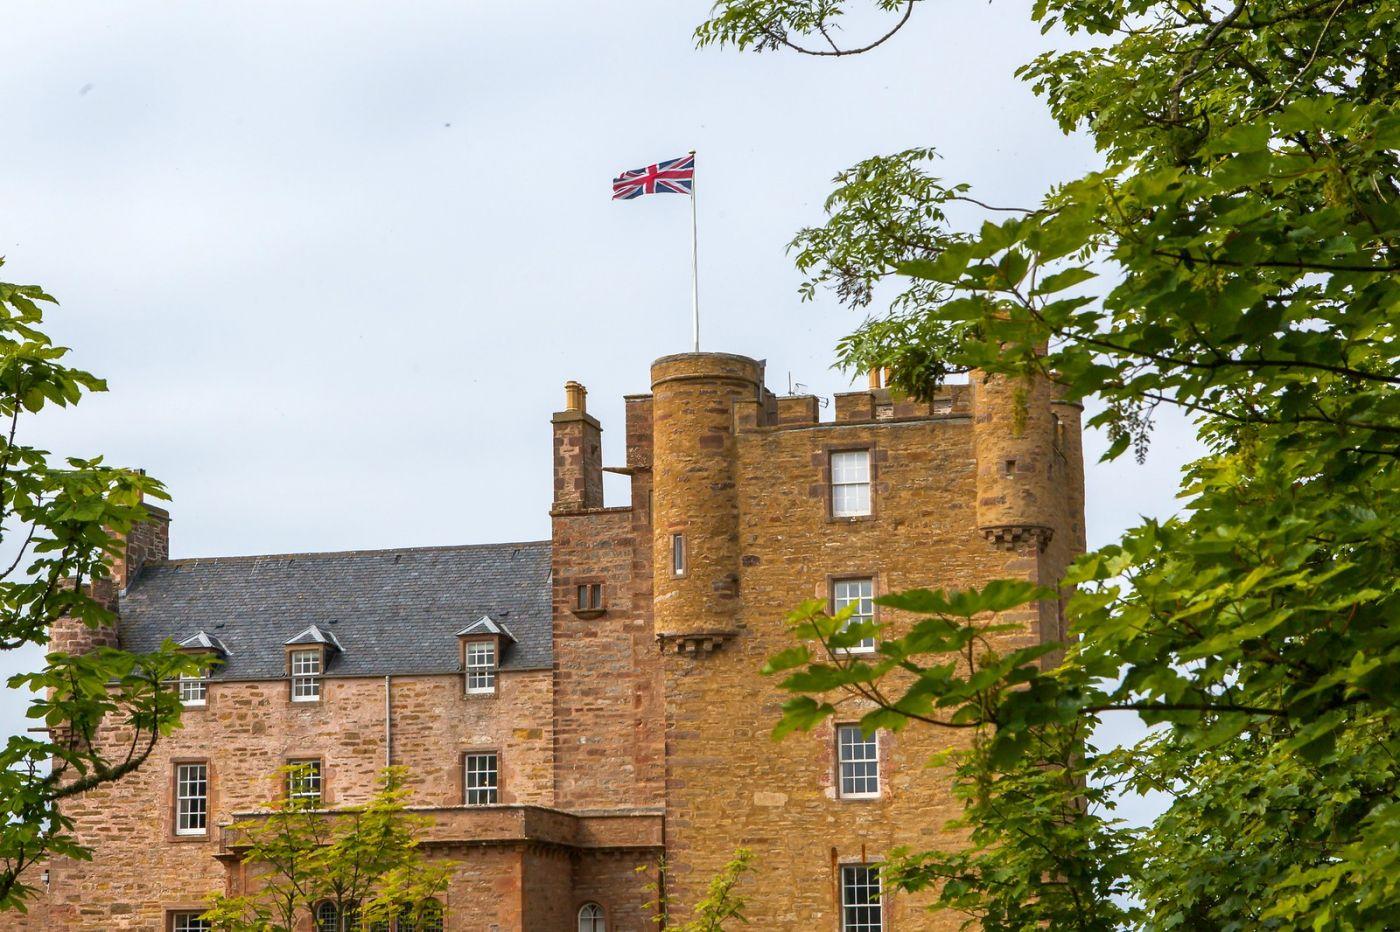 苏格兰梅城堡(Castle of Mey),五百年历史_图1-19